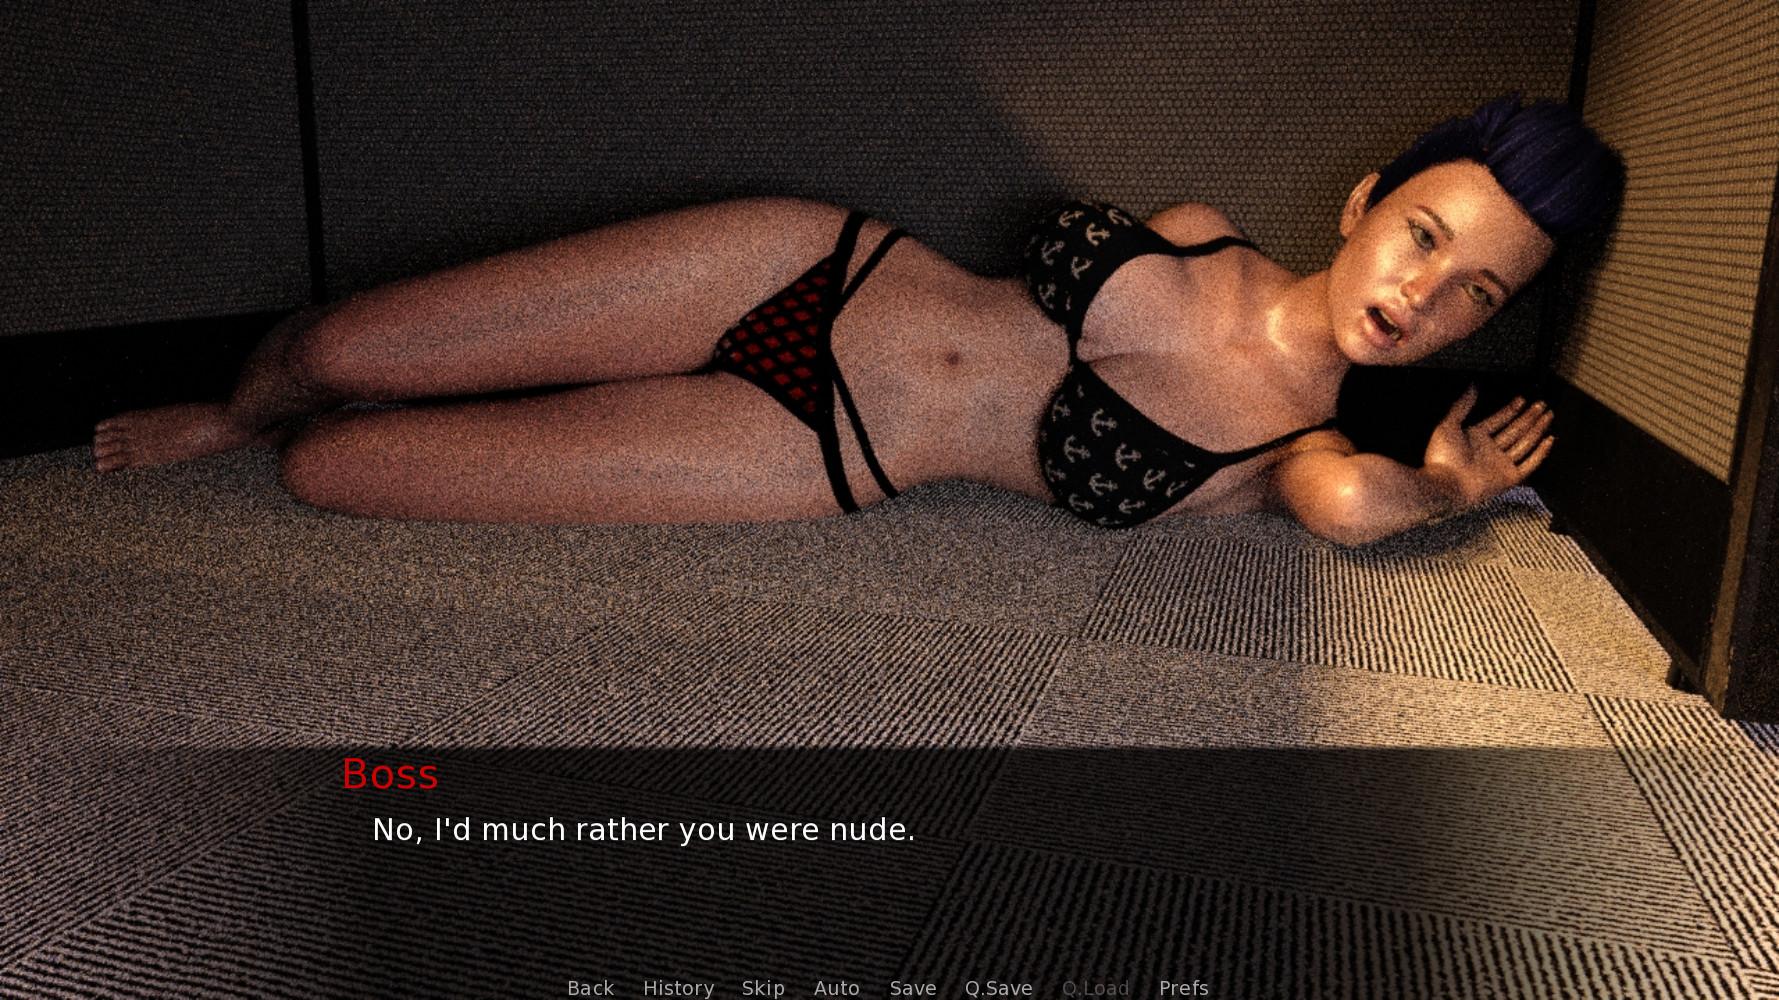 Čierny sex videá na stiahnutie